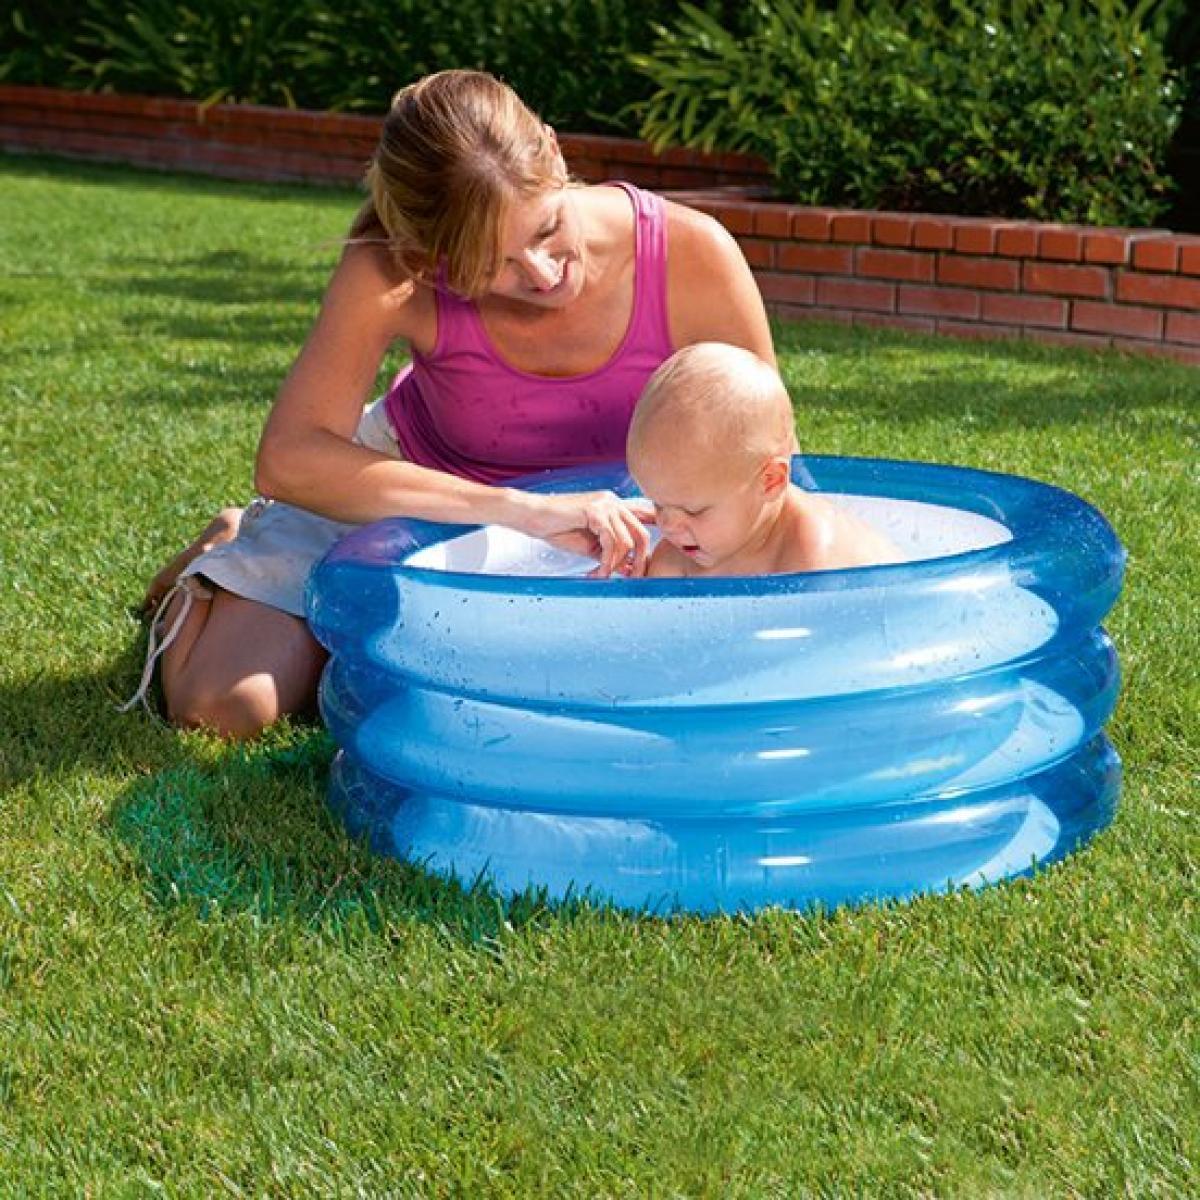 Надувной бассейн Bestway 51033 круглый 43 л 70-30 см